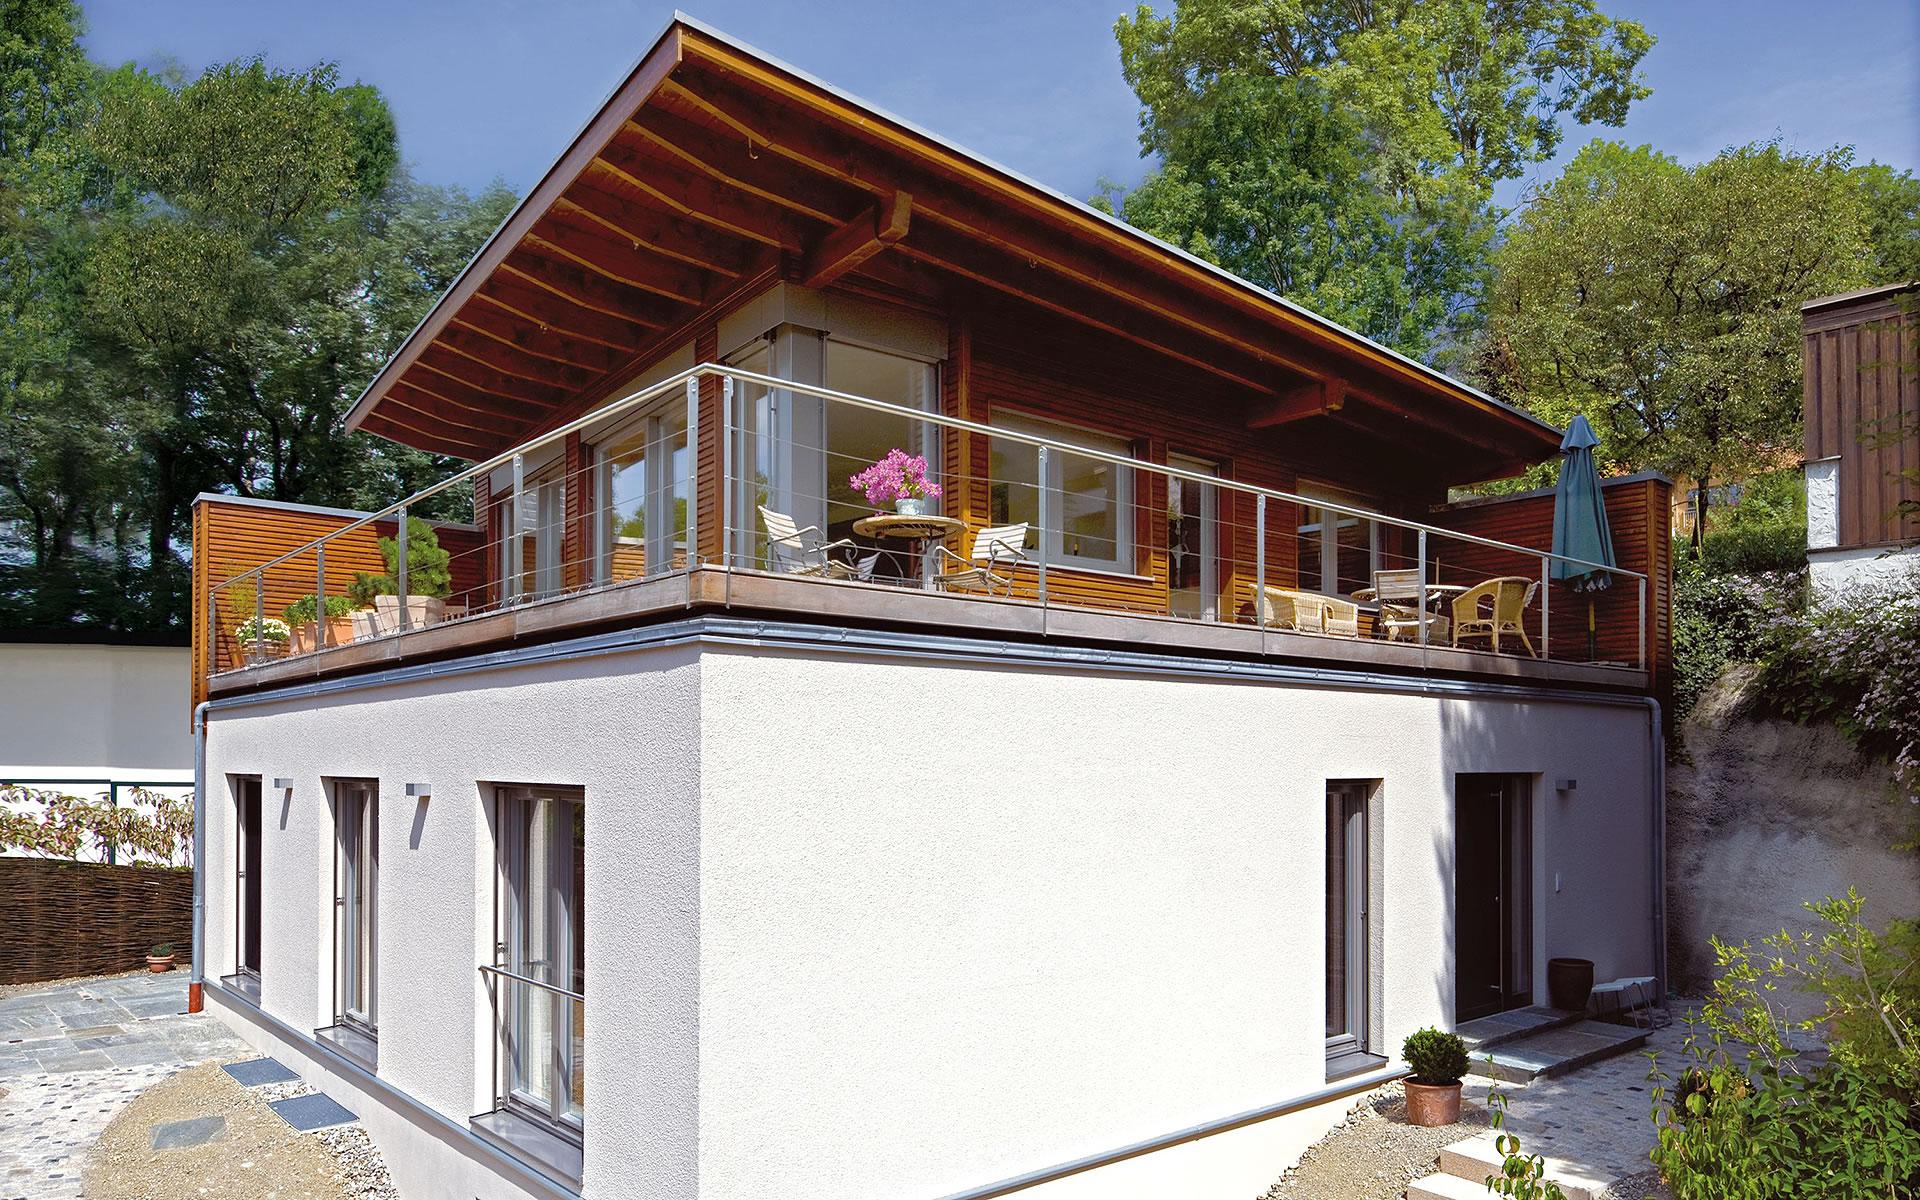 Herrsching von Regnauer Hausbau GmbH & Co. KG